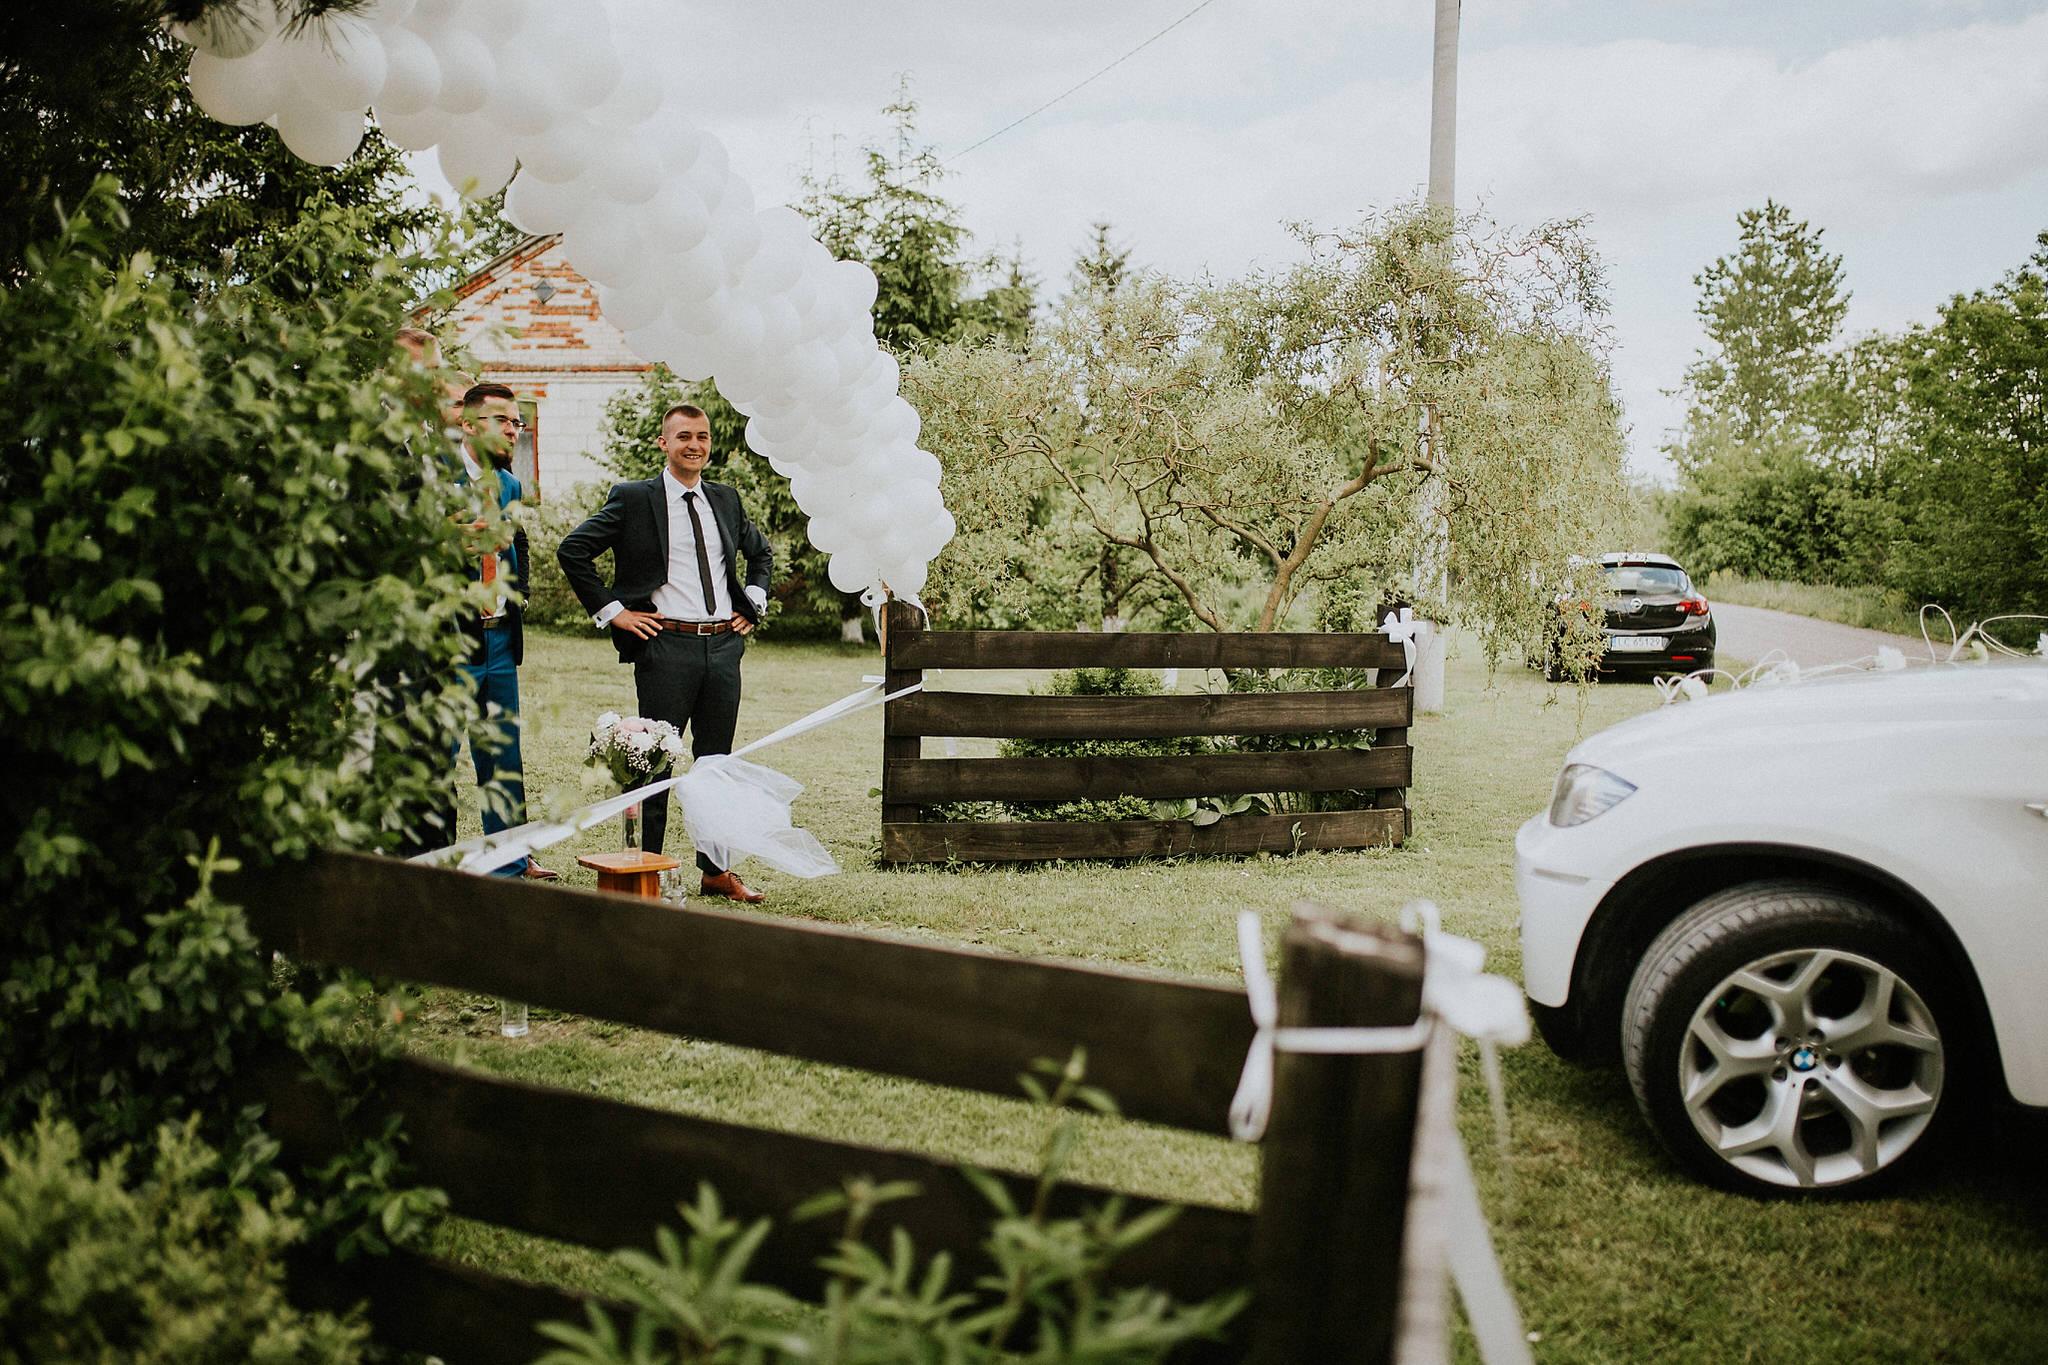 sandramarcin fotograf Karol Nycz www.karolnycz.com 176